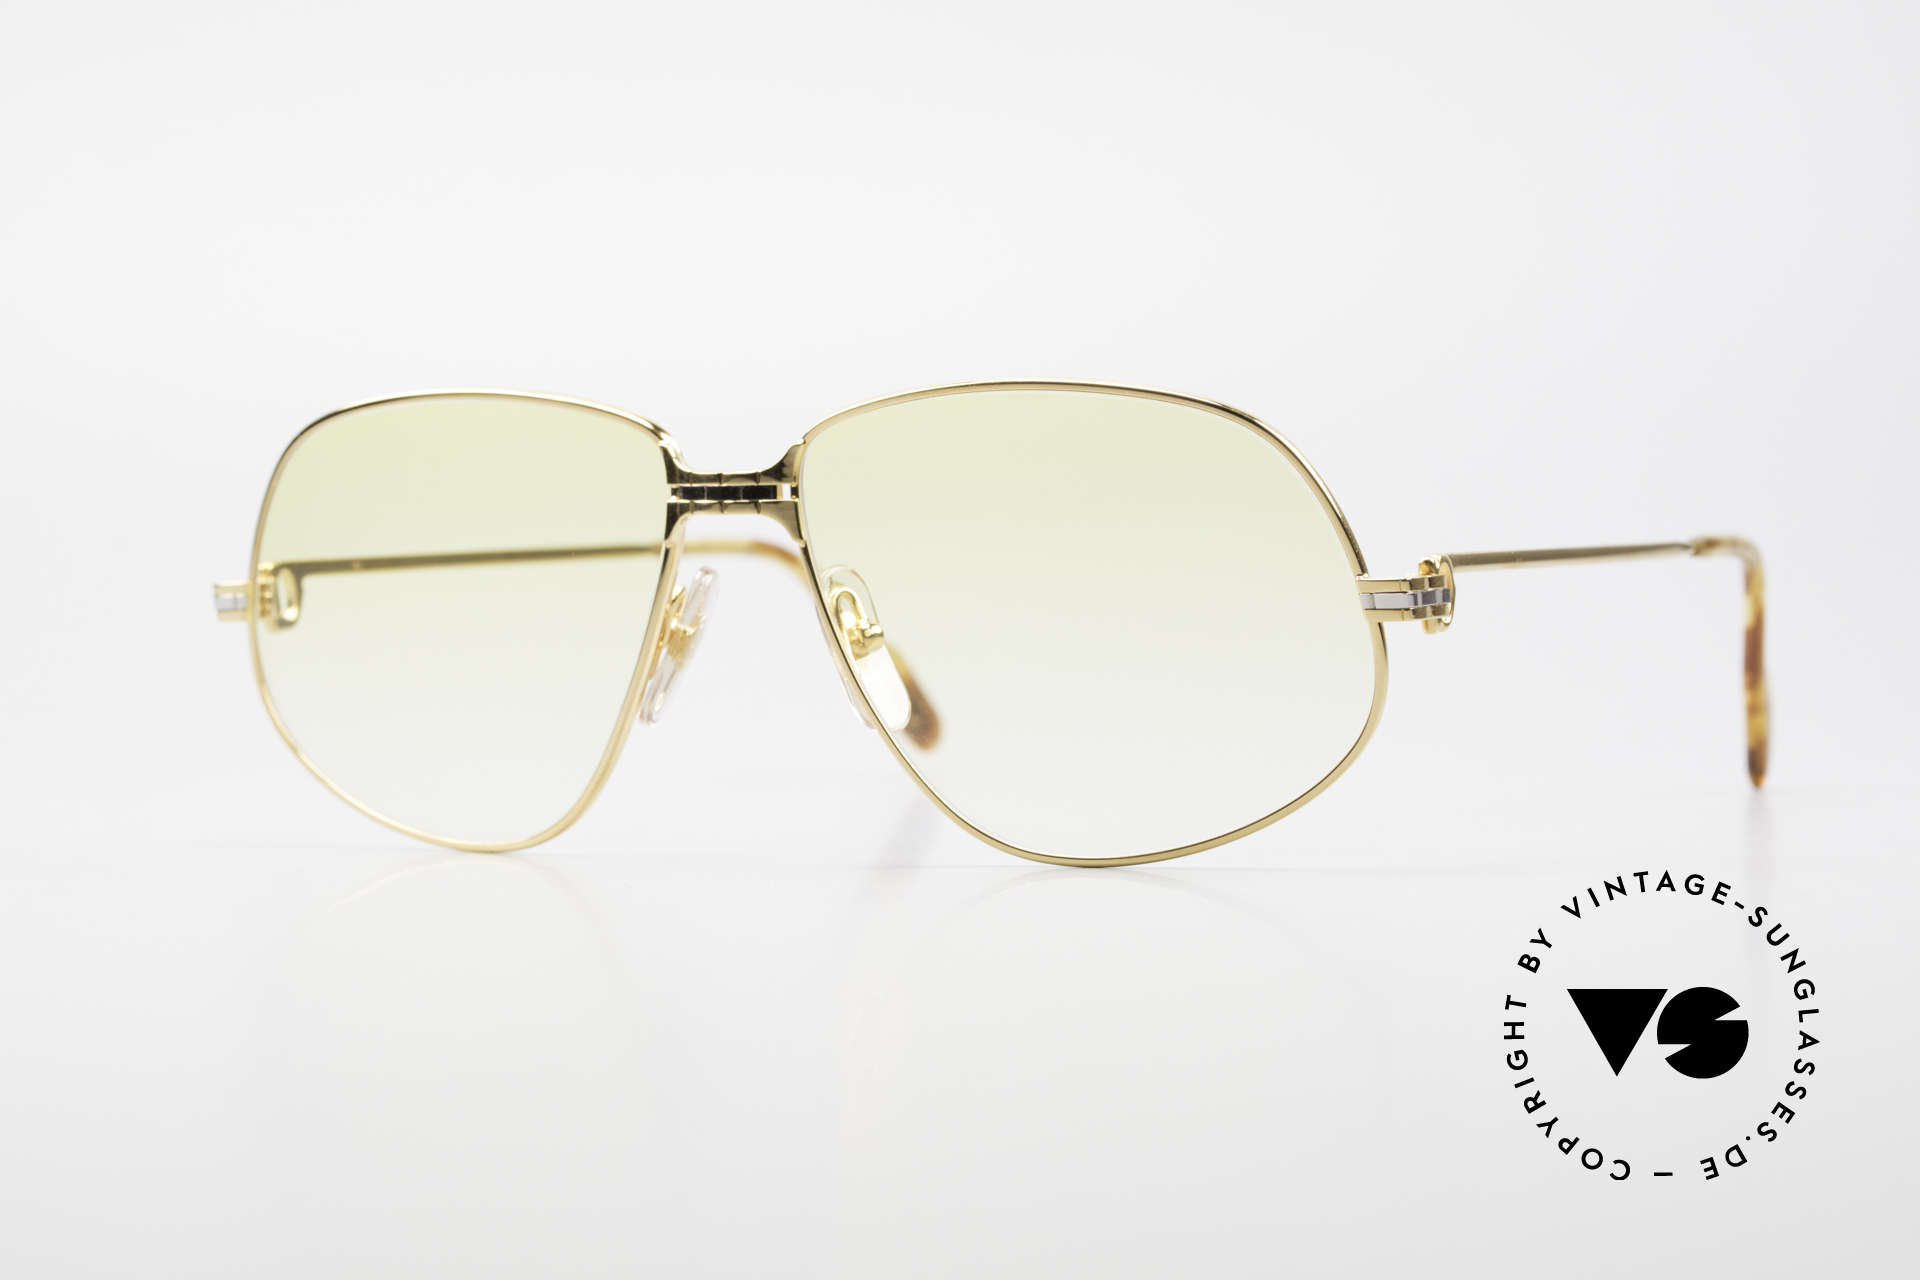 Cartier Panthere G.M. - XL Gelbe Gläser Mit Bvlgari Etui, Cartier Panthère = der berühmte Panther von CARTIER, Passend für Herren und Damen